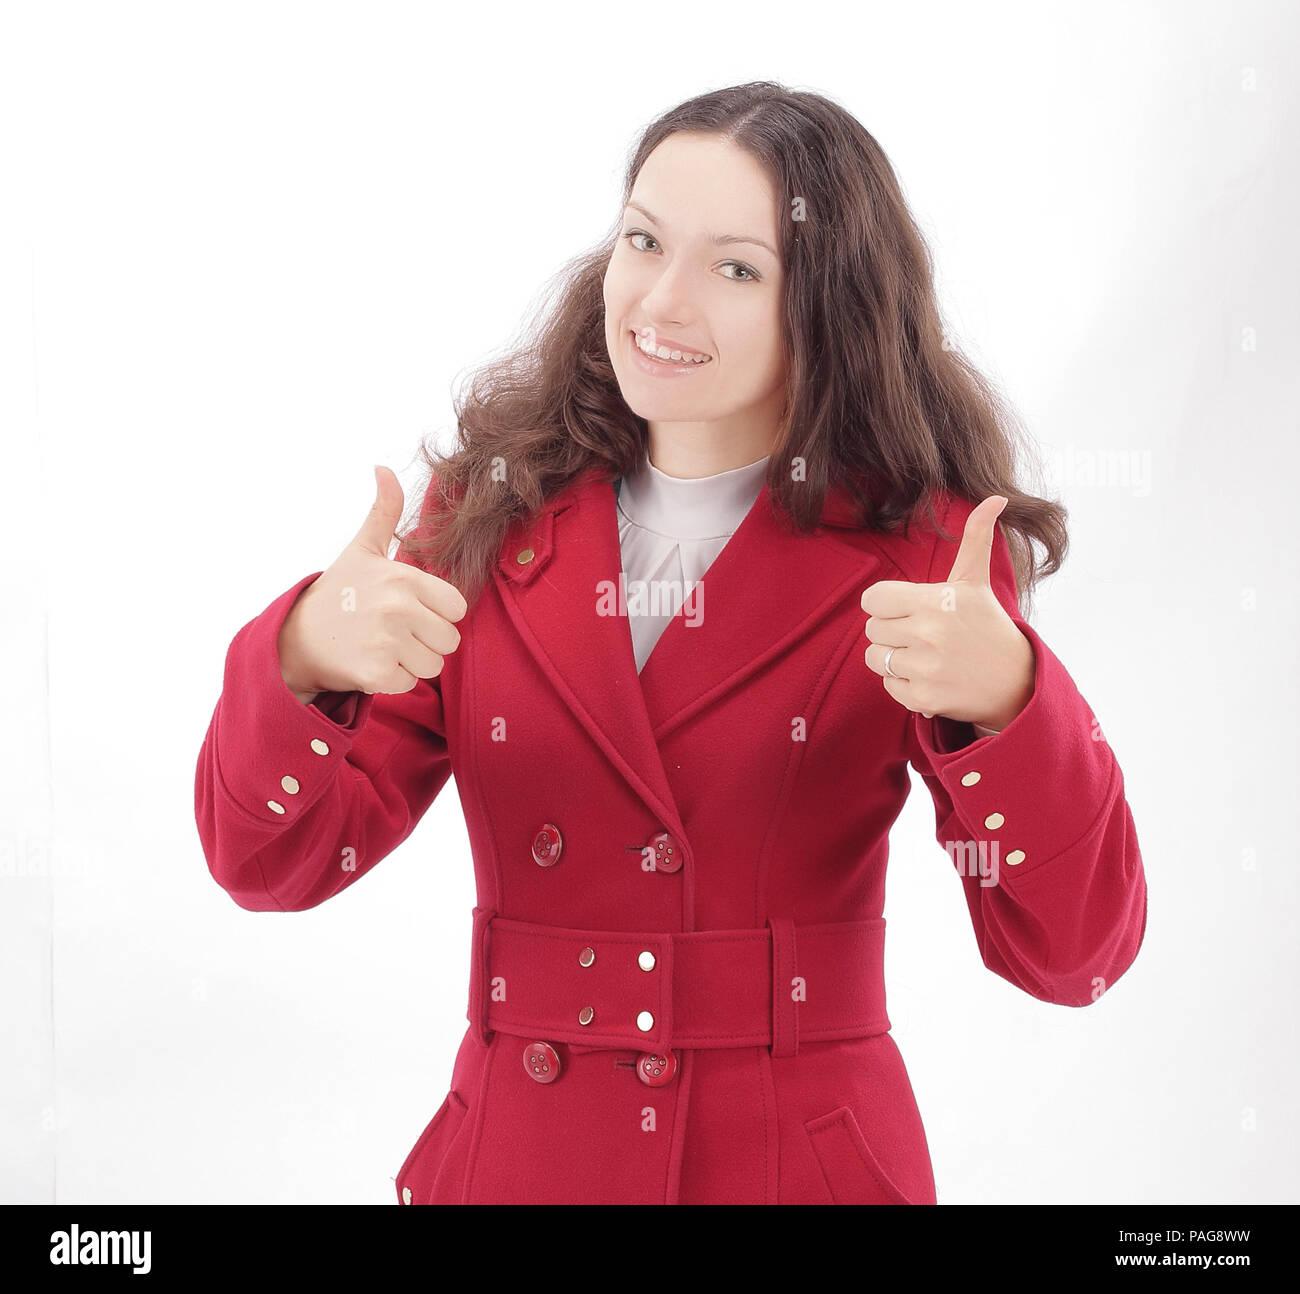 9ec10c9501651e Schöne junge Frau im roten Mantel mit Daumen nach oben Stockfoto ...